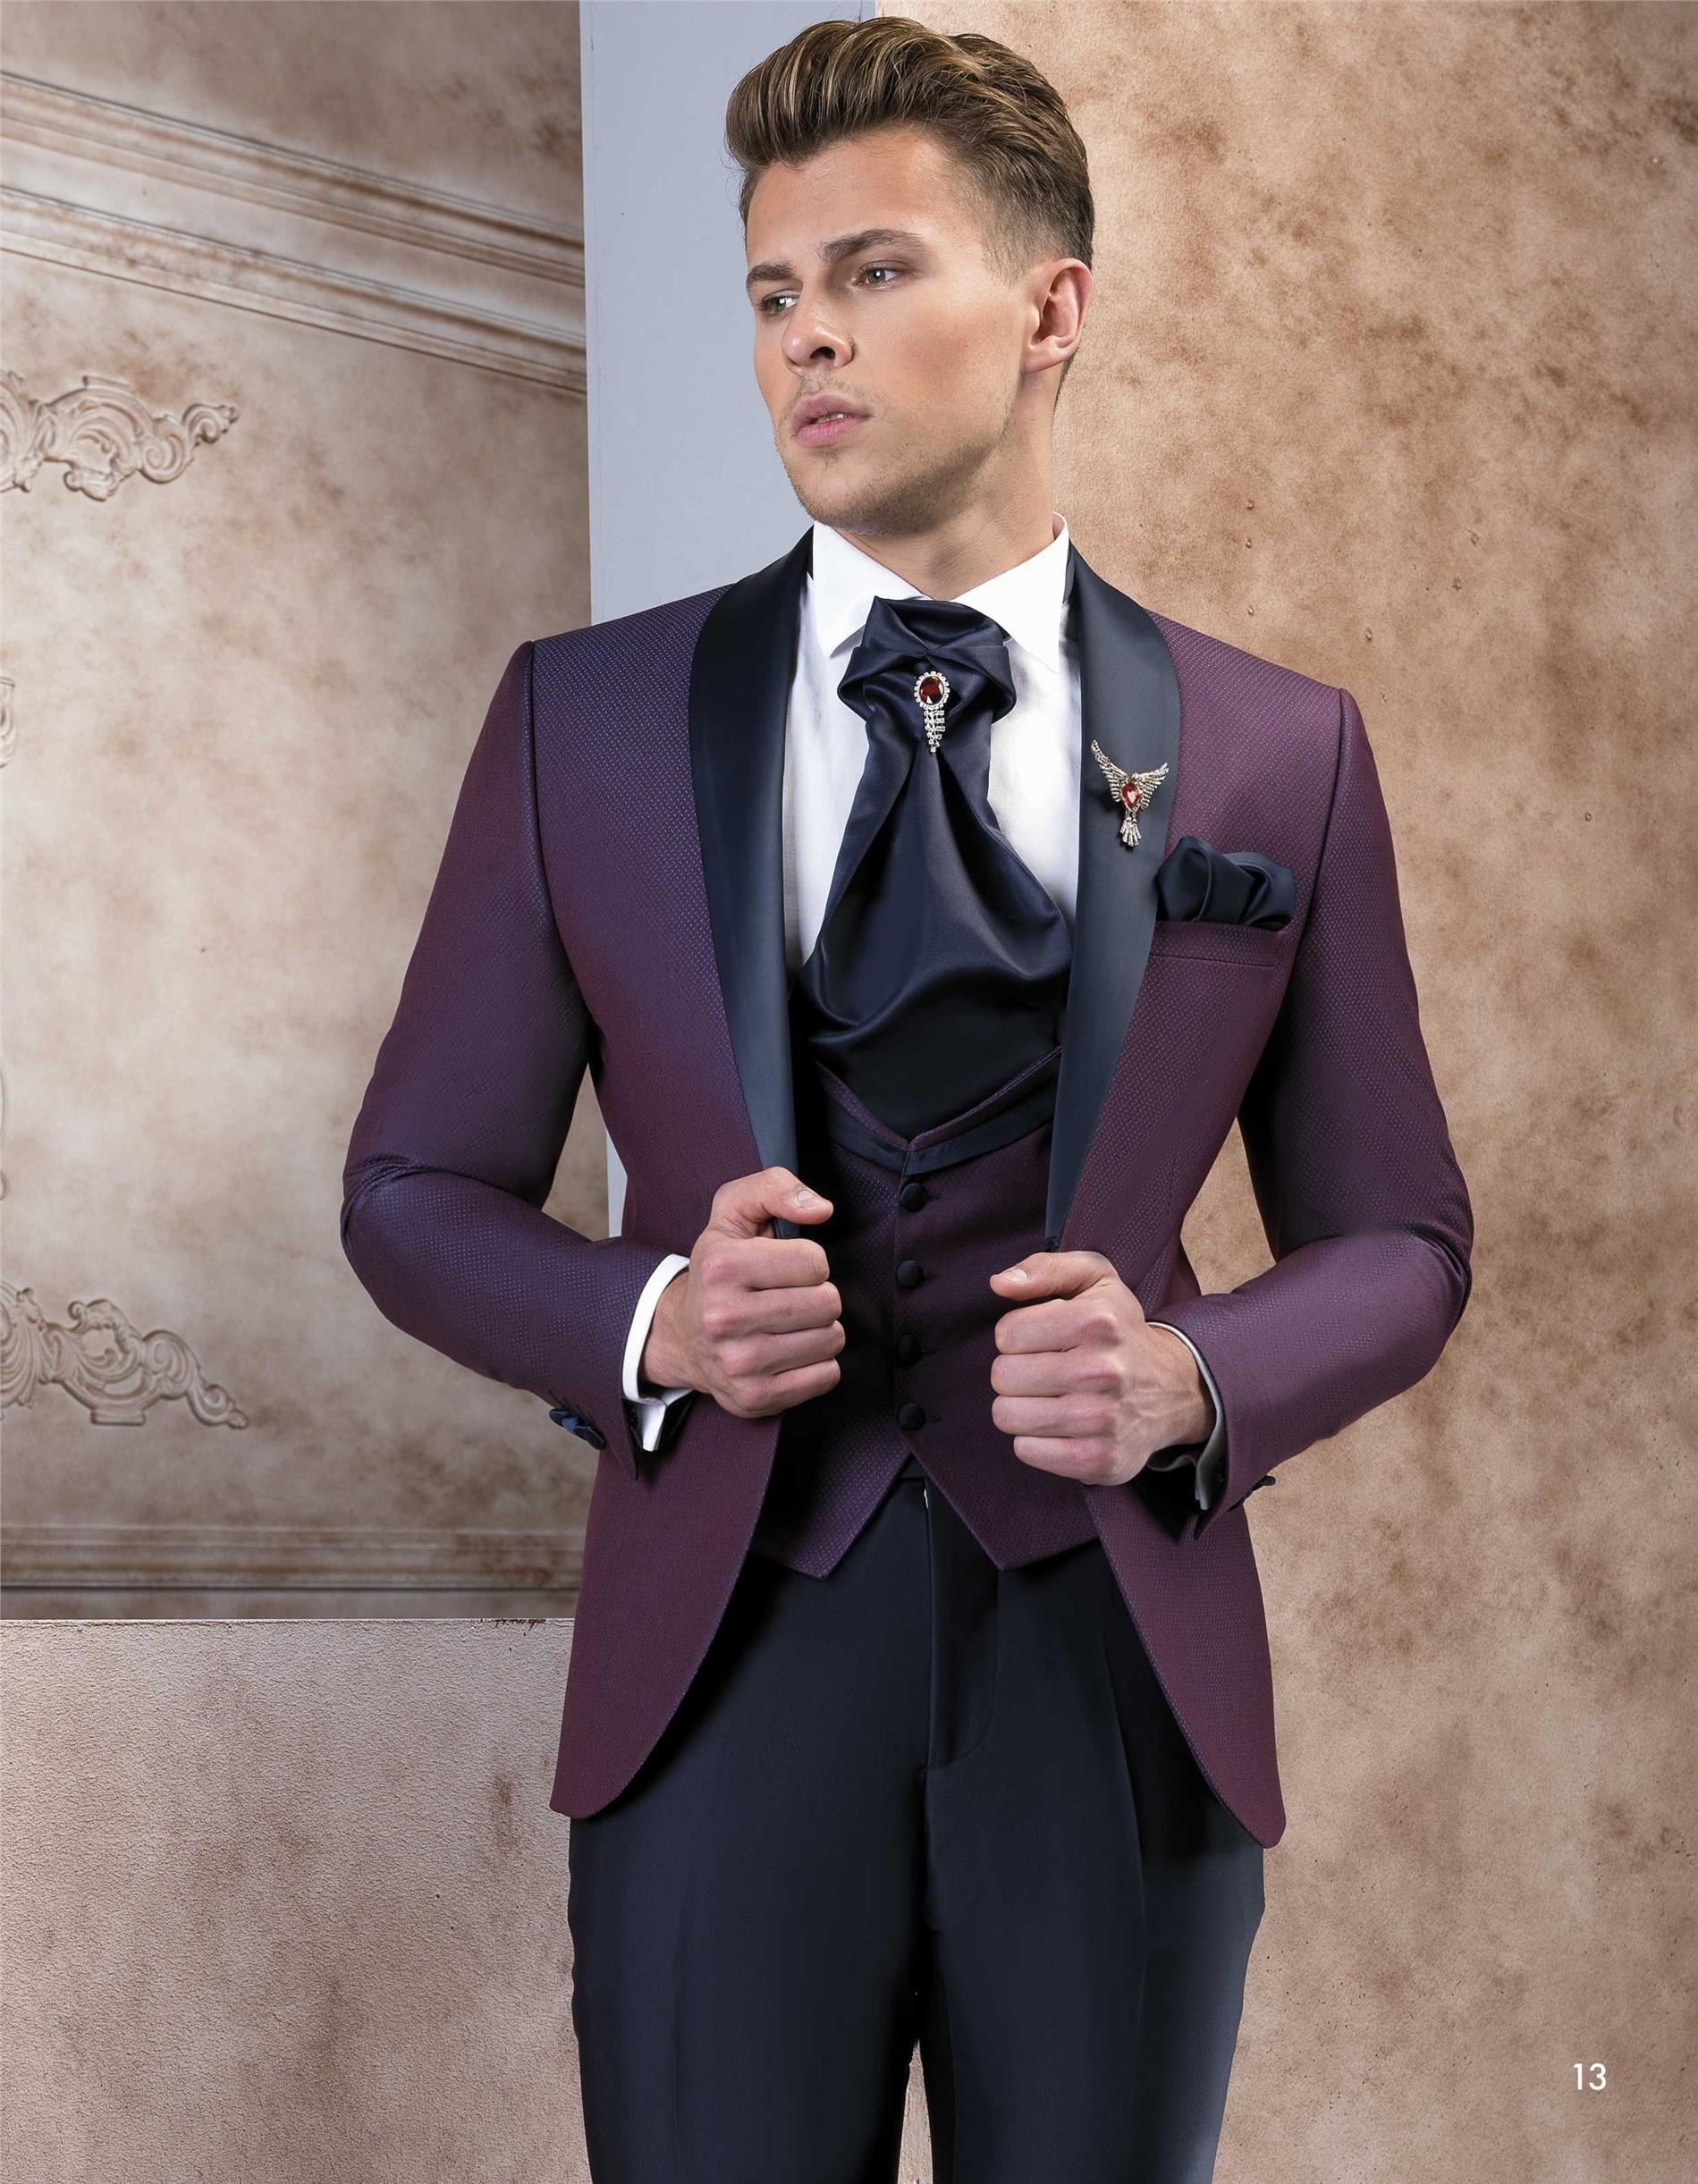 Hochzeitsanzug Herren Mann Brautigam Modelle 2019 Neue Mode Anzug Fur Hochzeit Anzug Herren Hochze Wedding Suits Men Designer Suits For Men Suit Fashion